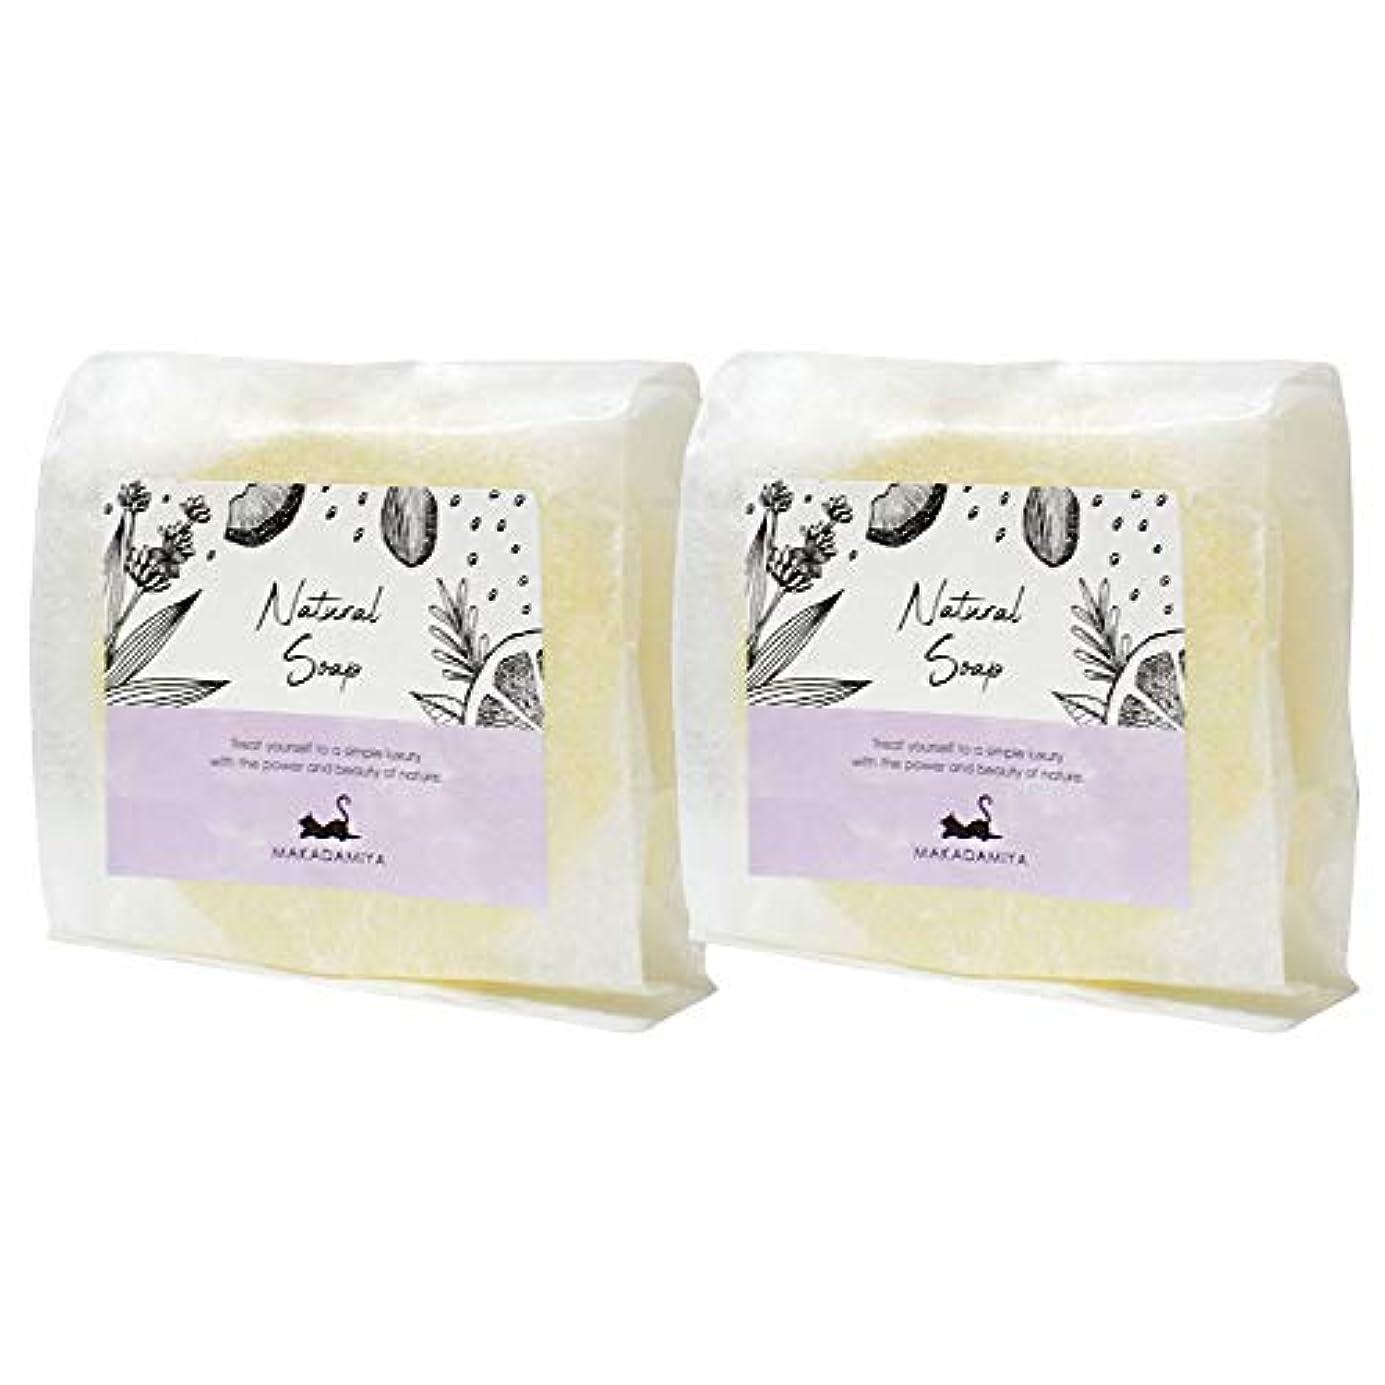 反動株式ワームマカダミ屋の手作り天然石けん80g×2個セット 敏感肌用 天然アロマ香りで癒され潤う。